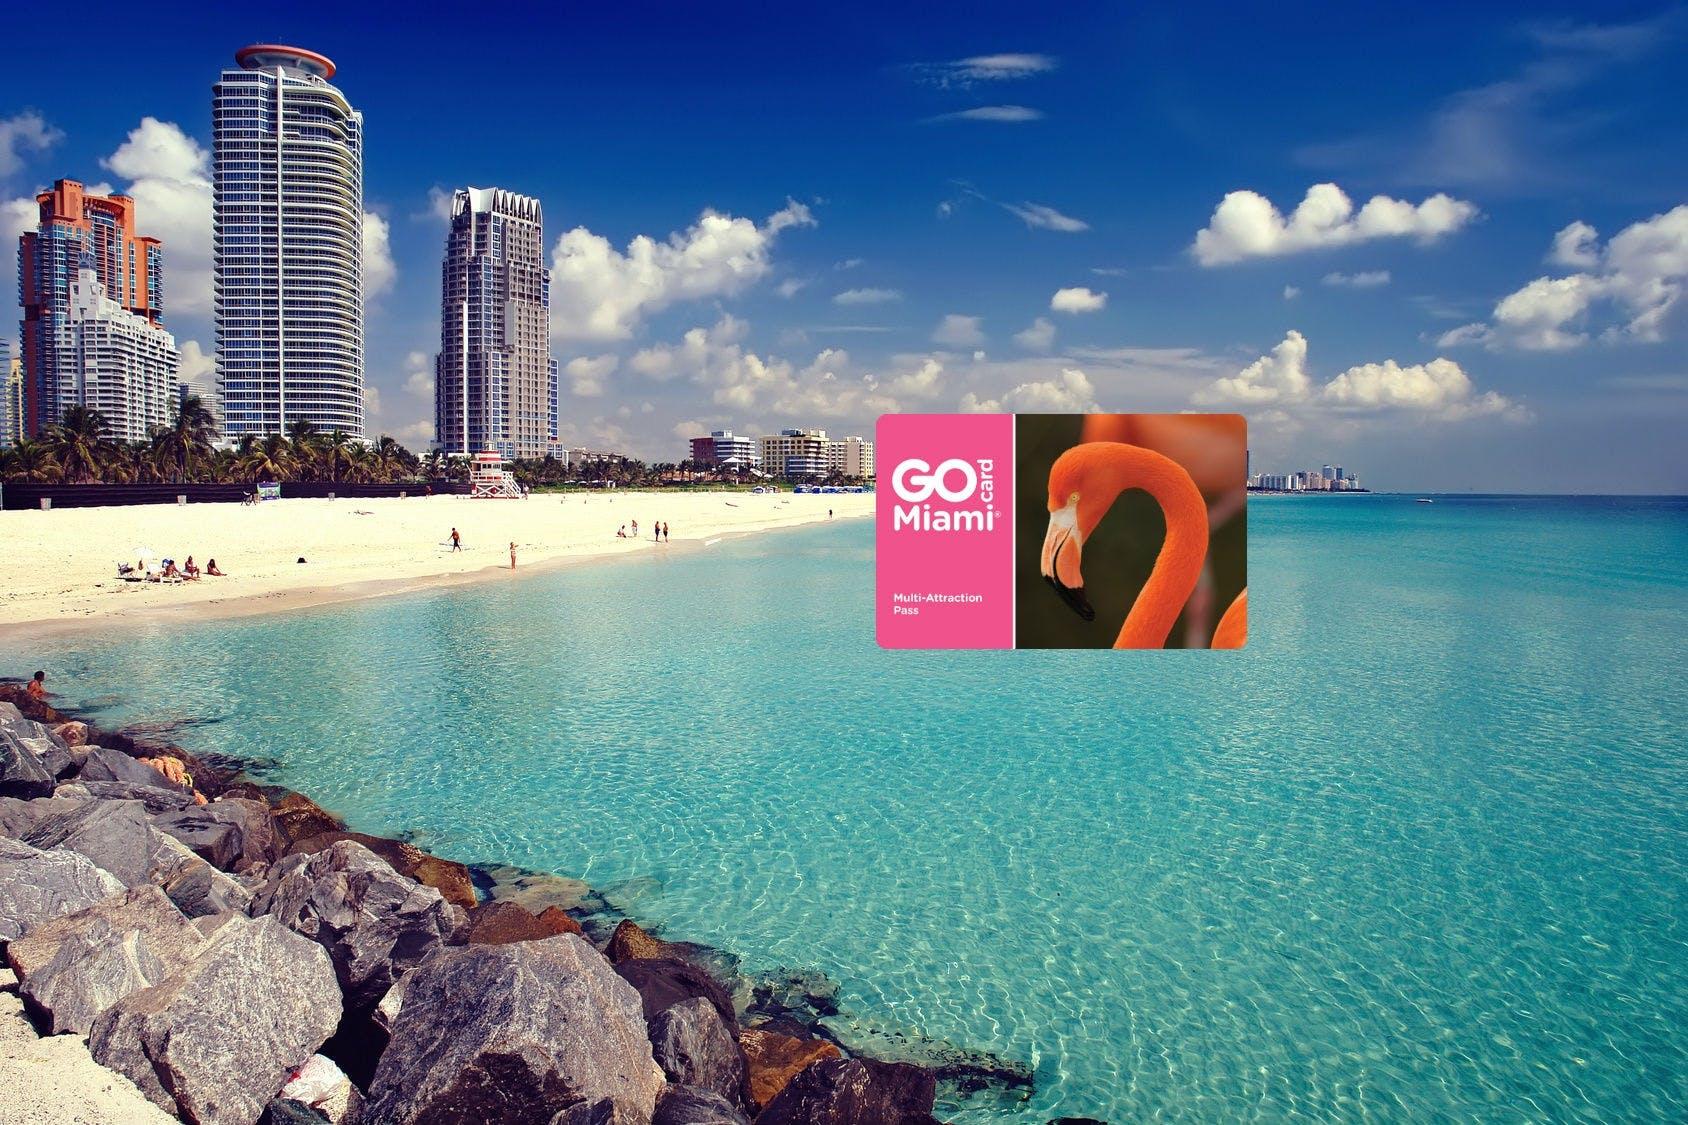 Ver la ciudad,Tickets, museos, atracciones,Pases de ciudad,Entradas a atracciones principales,Miami City Pass